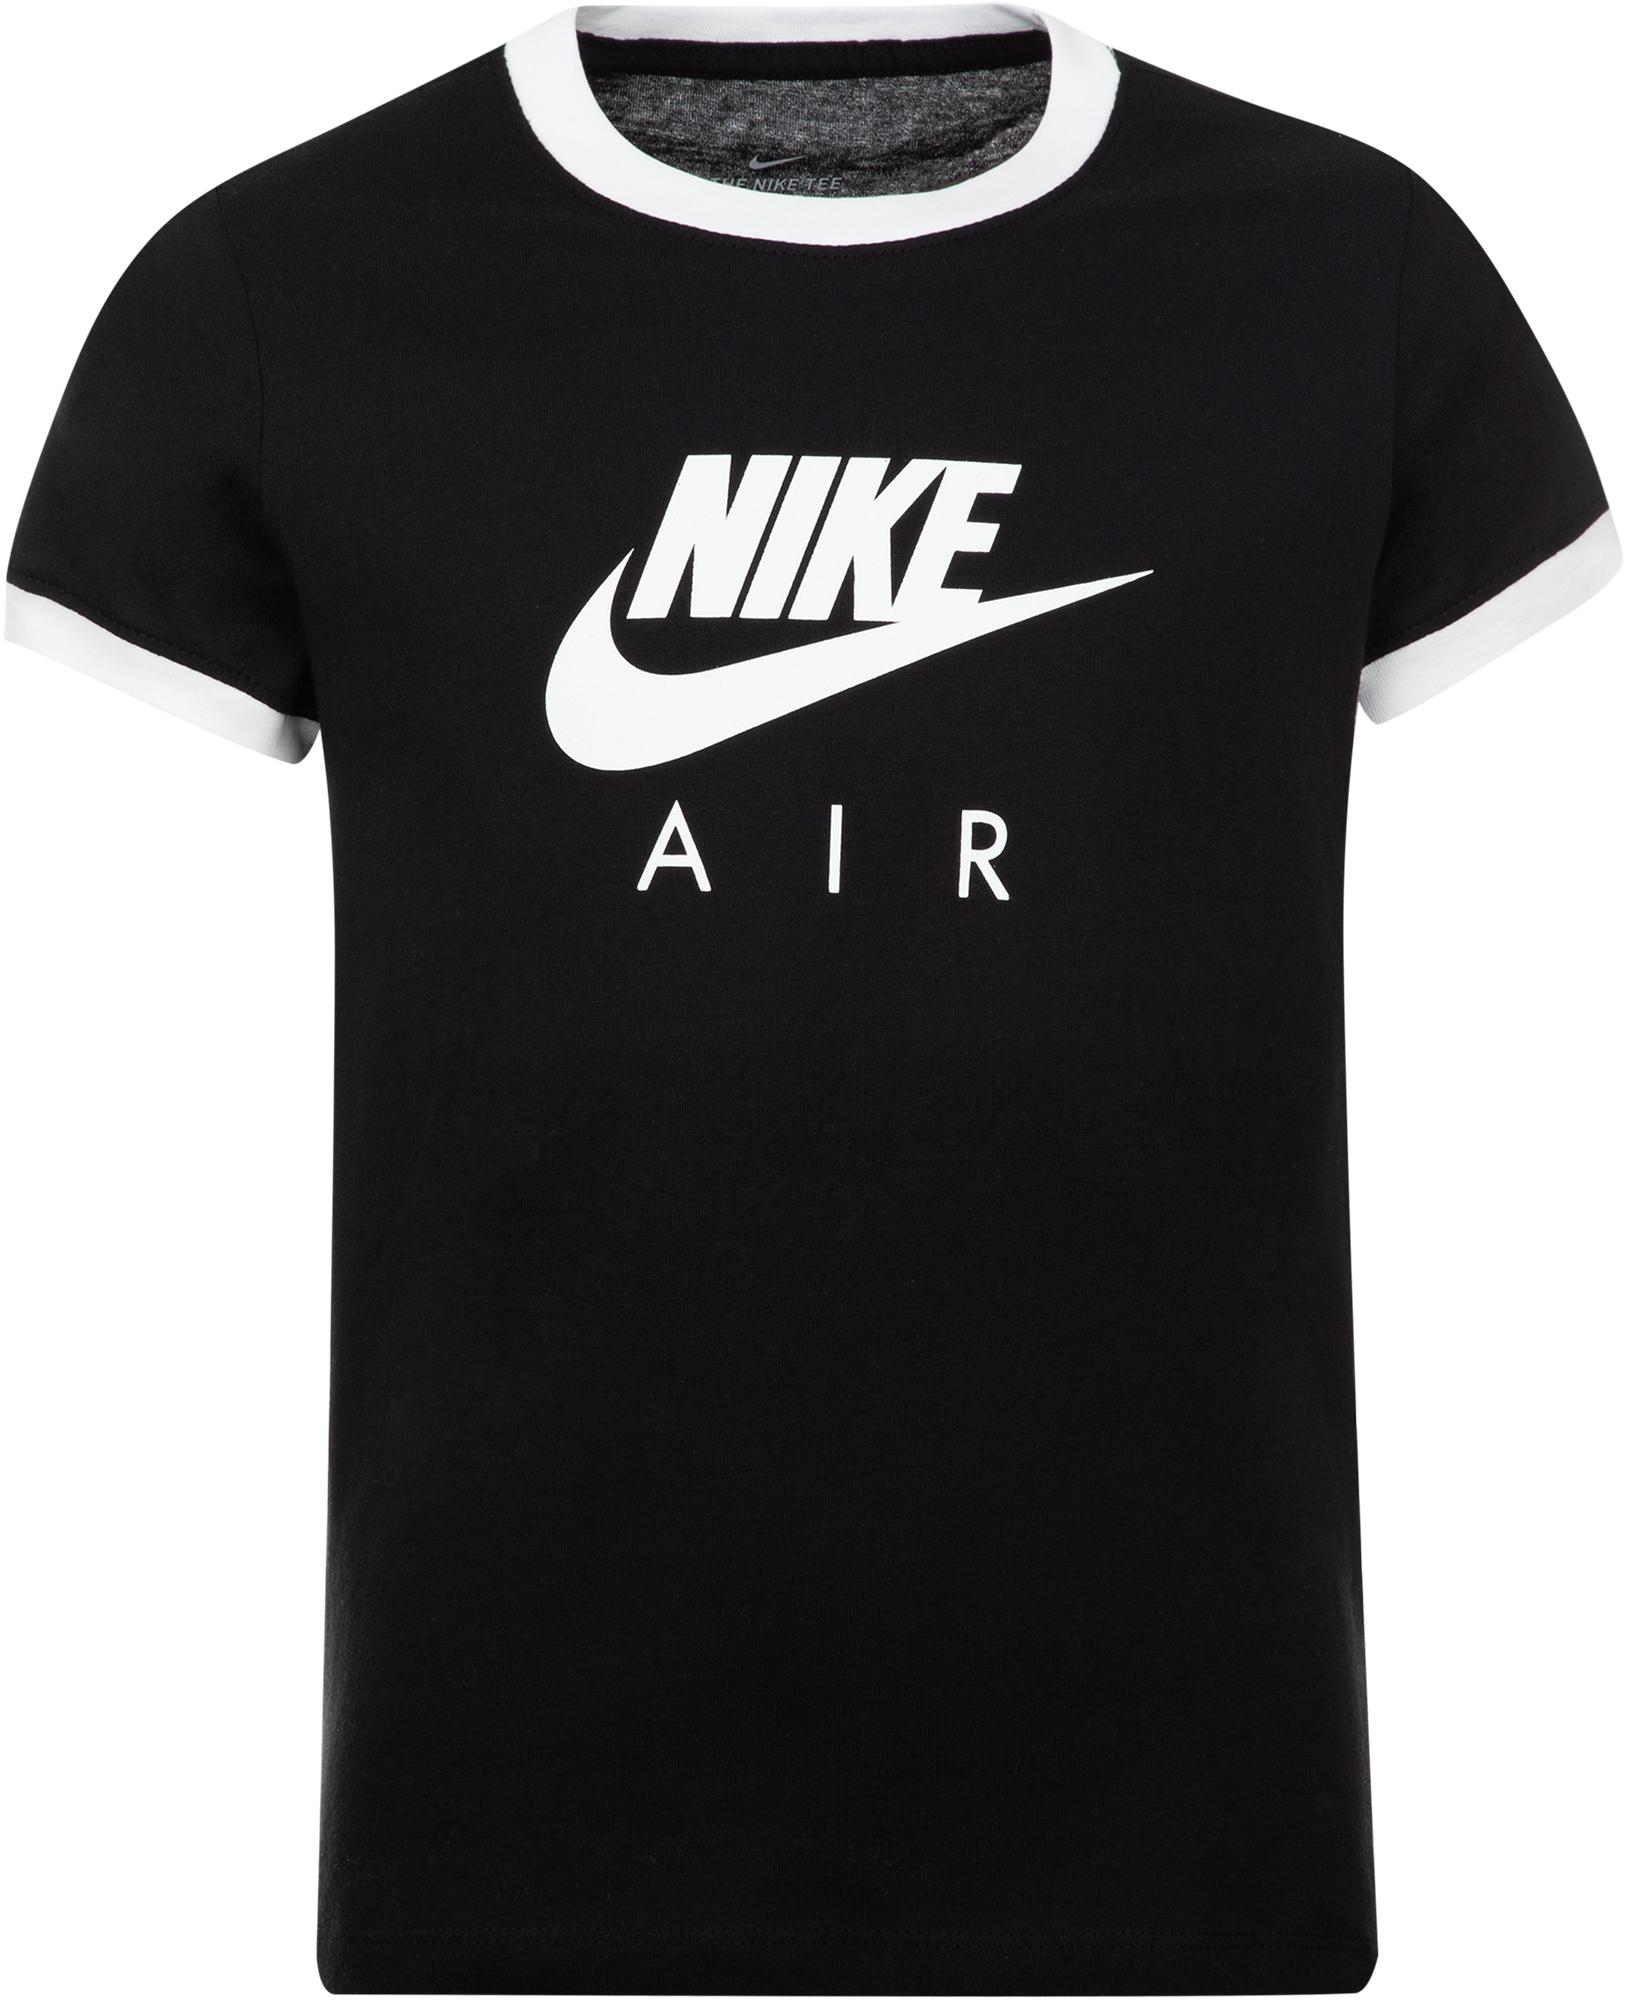 Nike Футболка для девочек Nike Air, размер 128-137